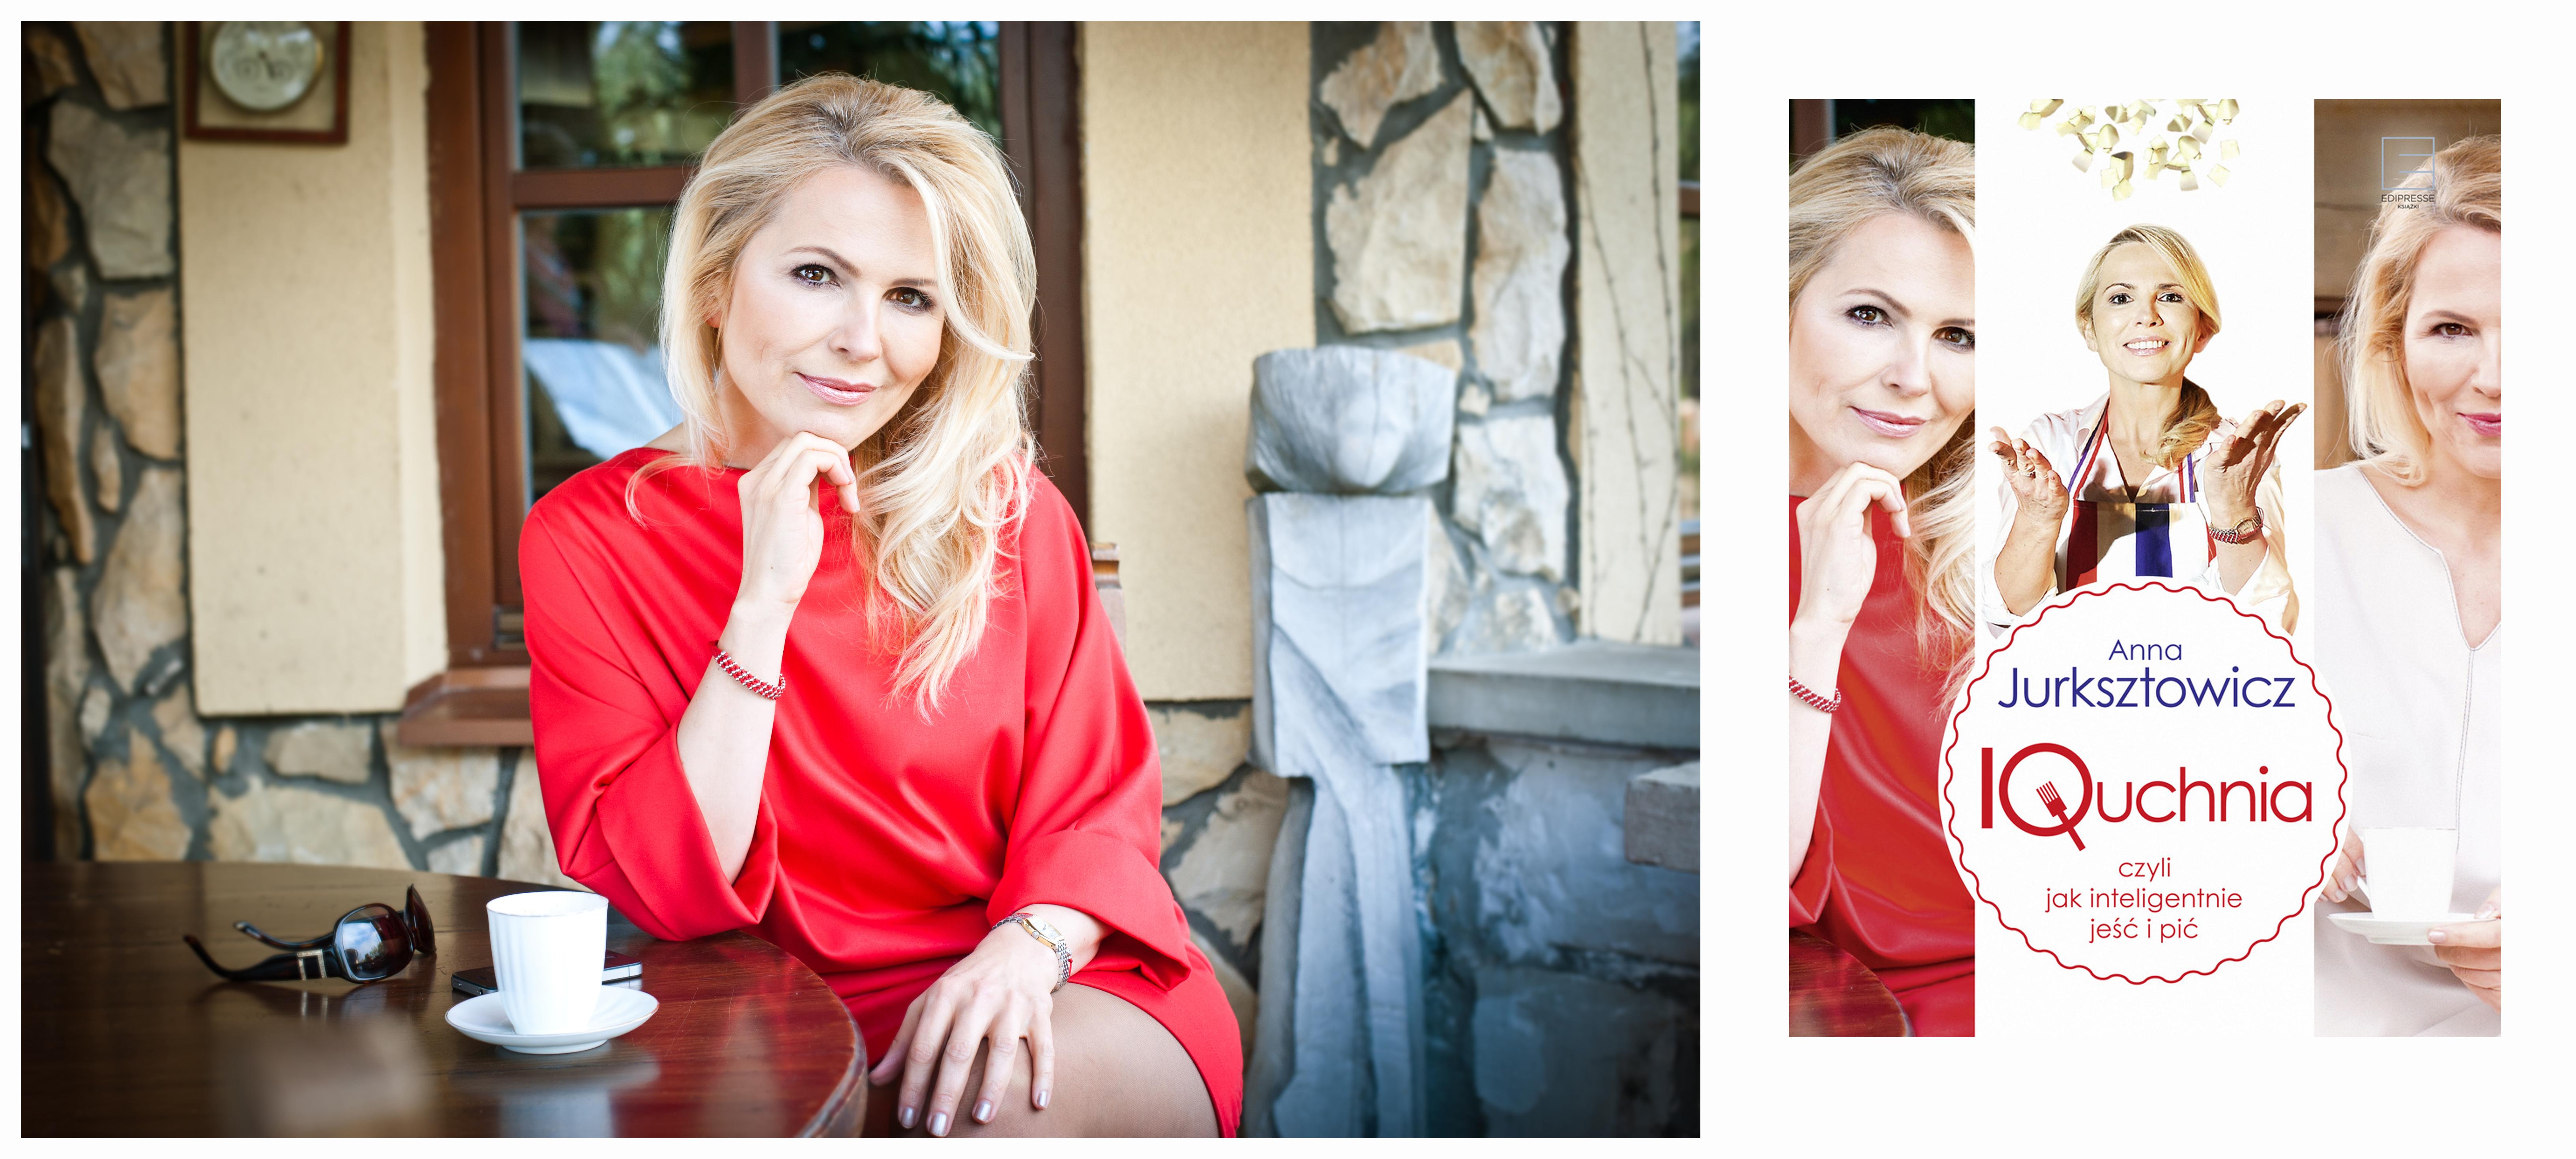 ANNA JURKSZTOWICZ fot. OLSZANKA